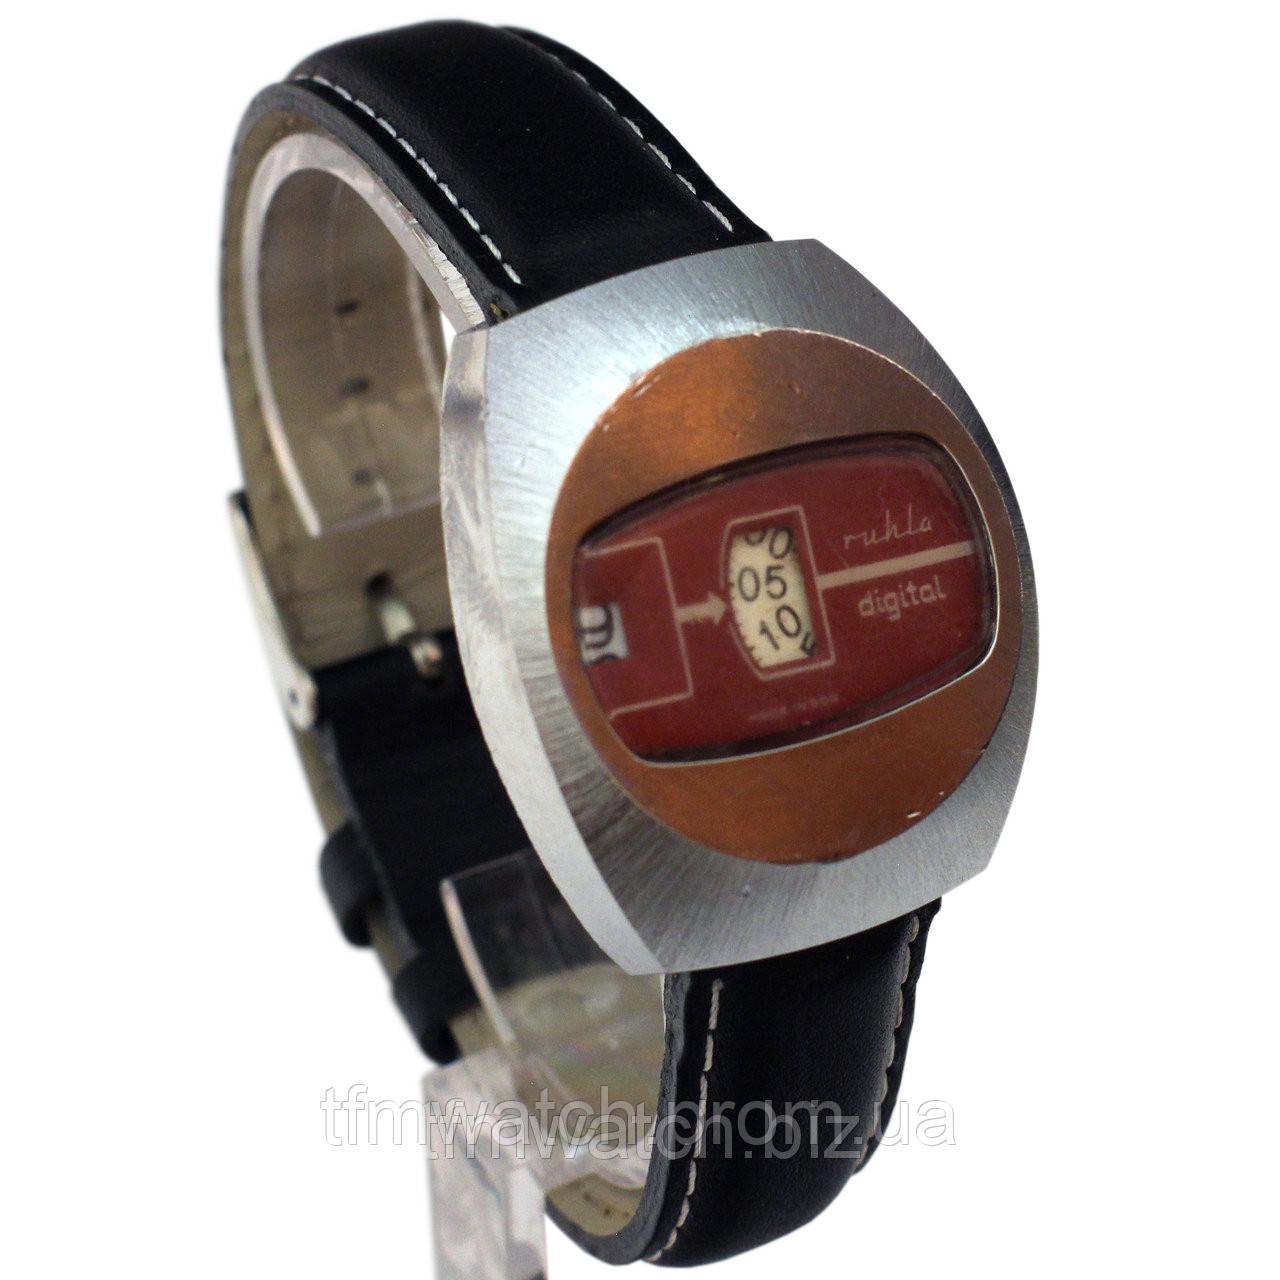 5e4094a9 Ruhla Digital made in GDR немецкие часы - Магазин старинных, винтажных и  антикварных часов TFMwatch